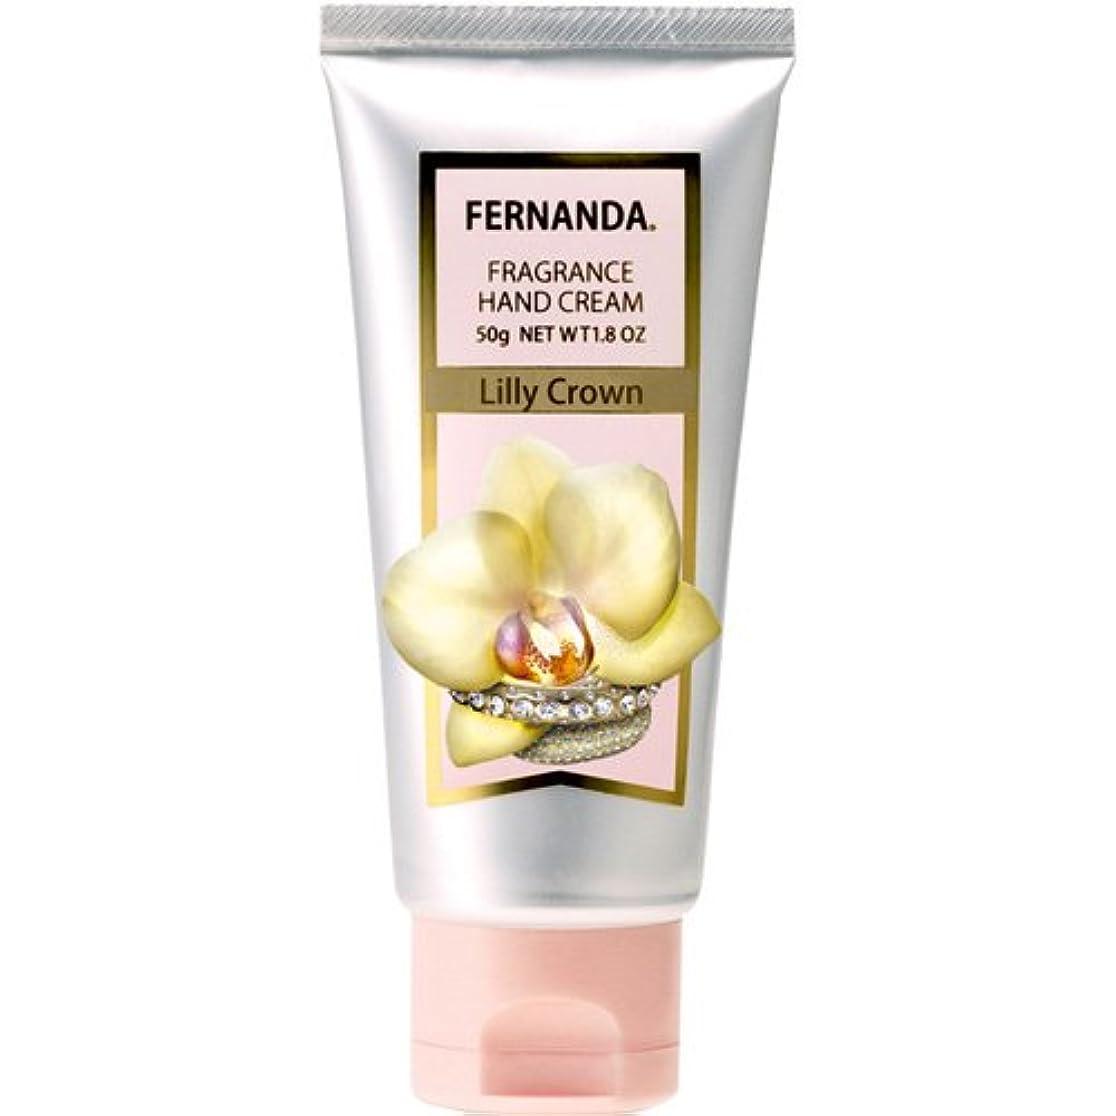 パイプライン検証瞑想FERNANDA(フェルナンダ) Hand Cream Lilly Crown (ハンドクリーム リリークラウン)